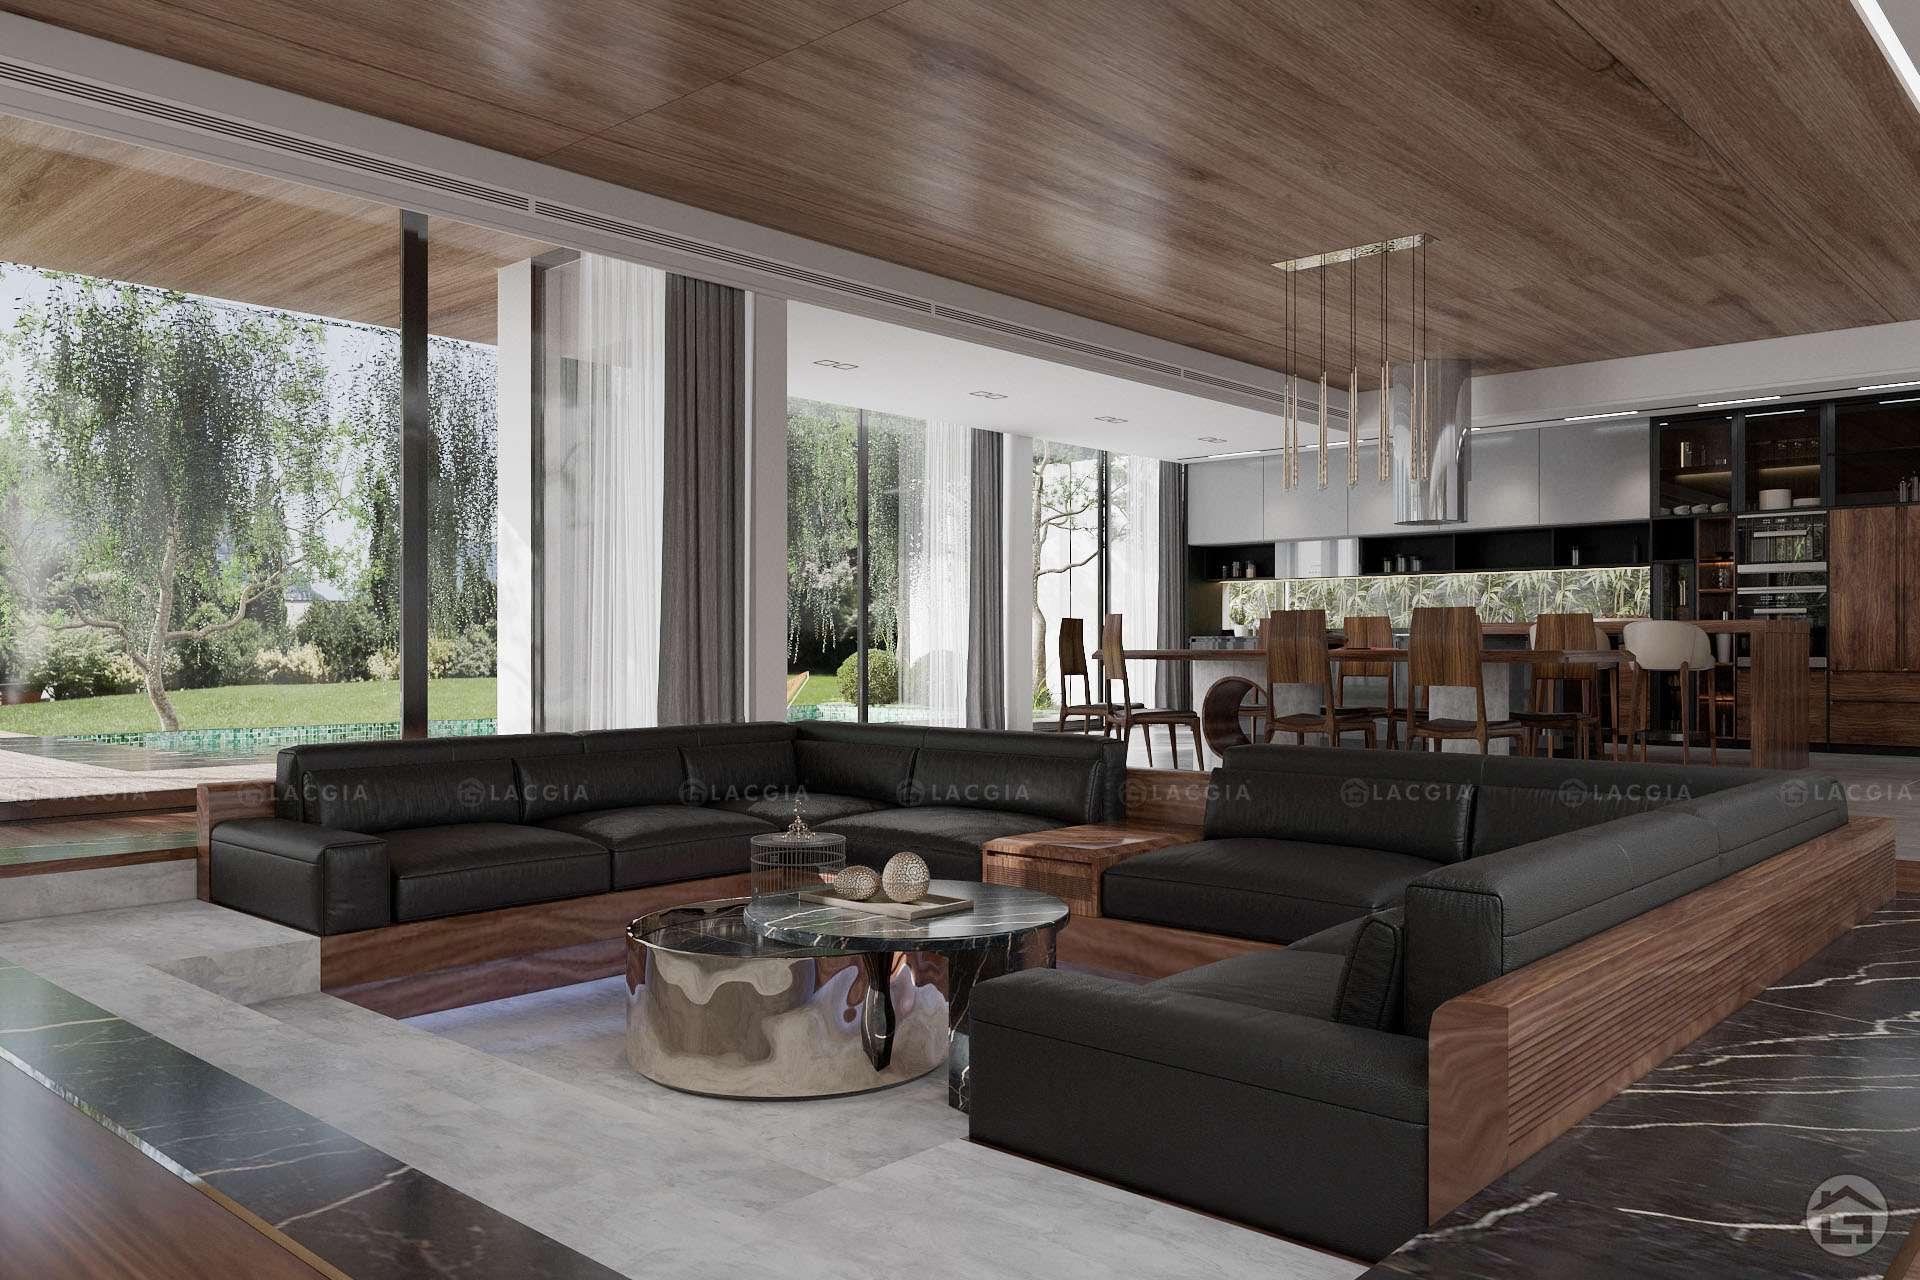 Nội Thất Lạc Gia chuyên thiết kế và thi công nội thất chung cư, biệt thự, khách sạn